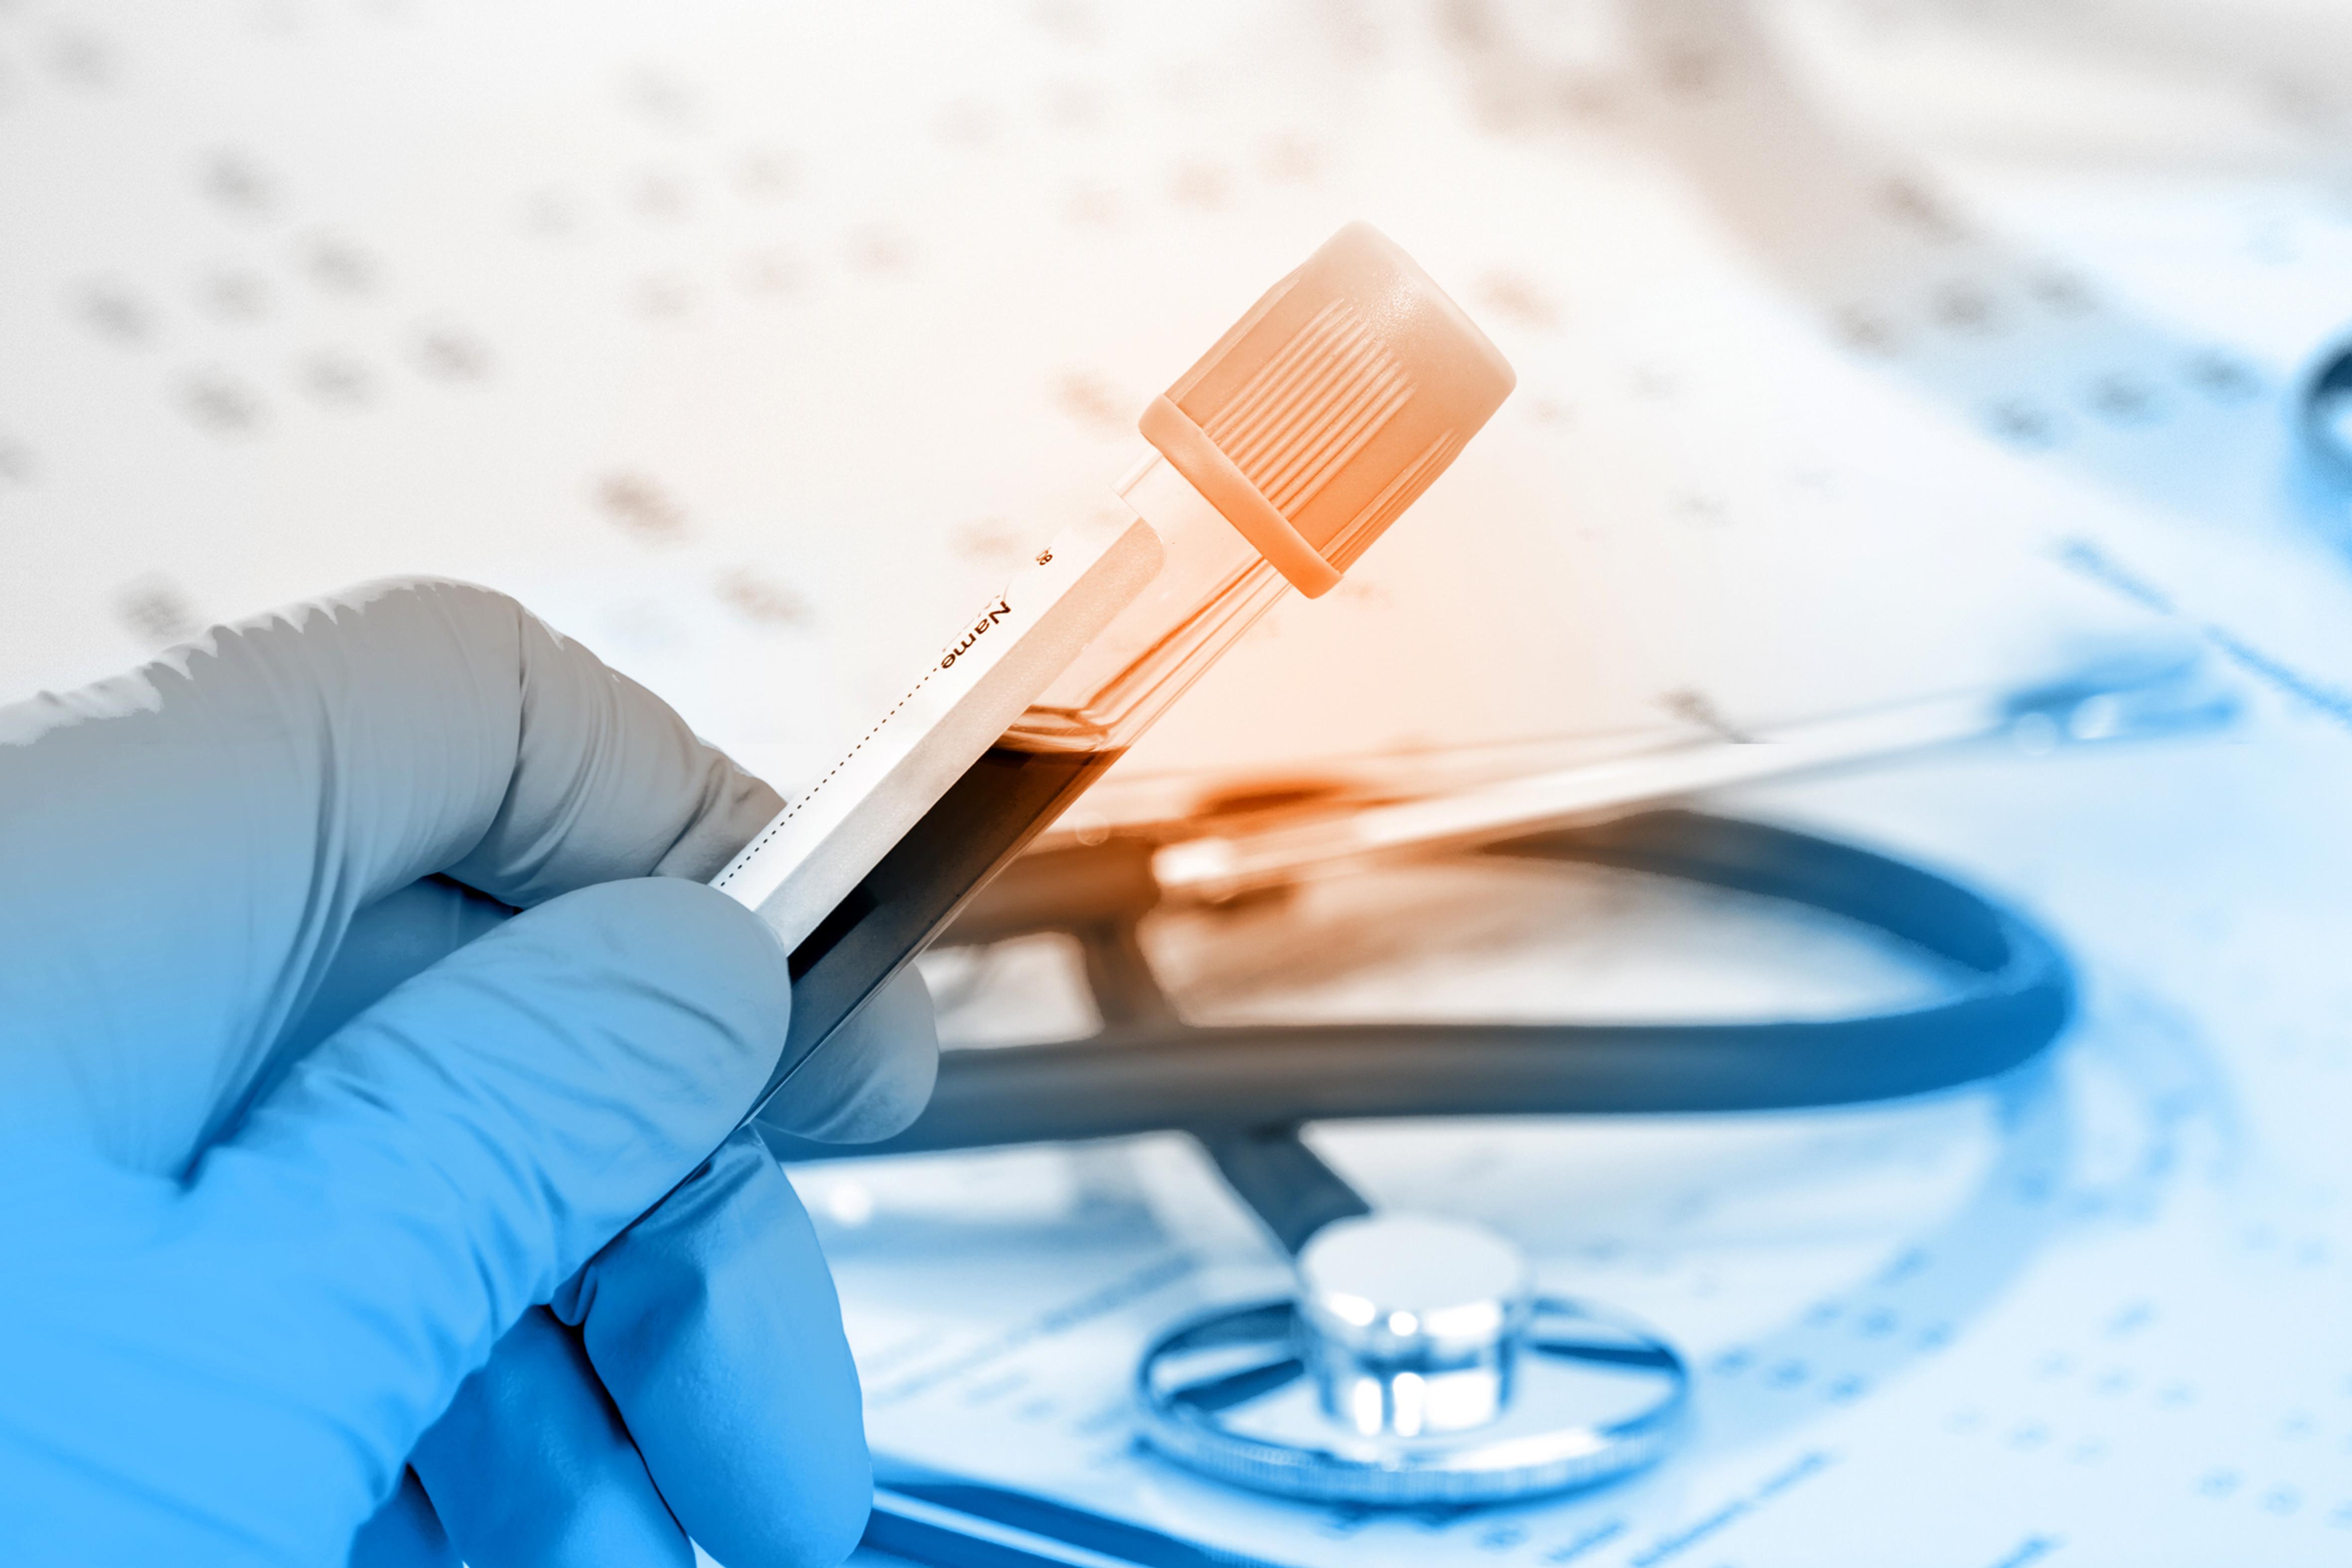 Blood work/Lab test